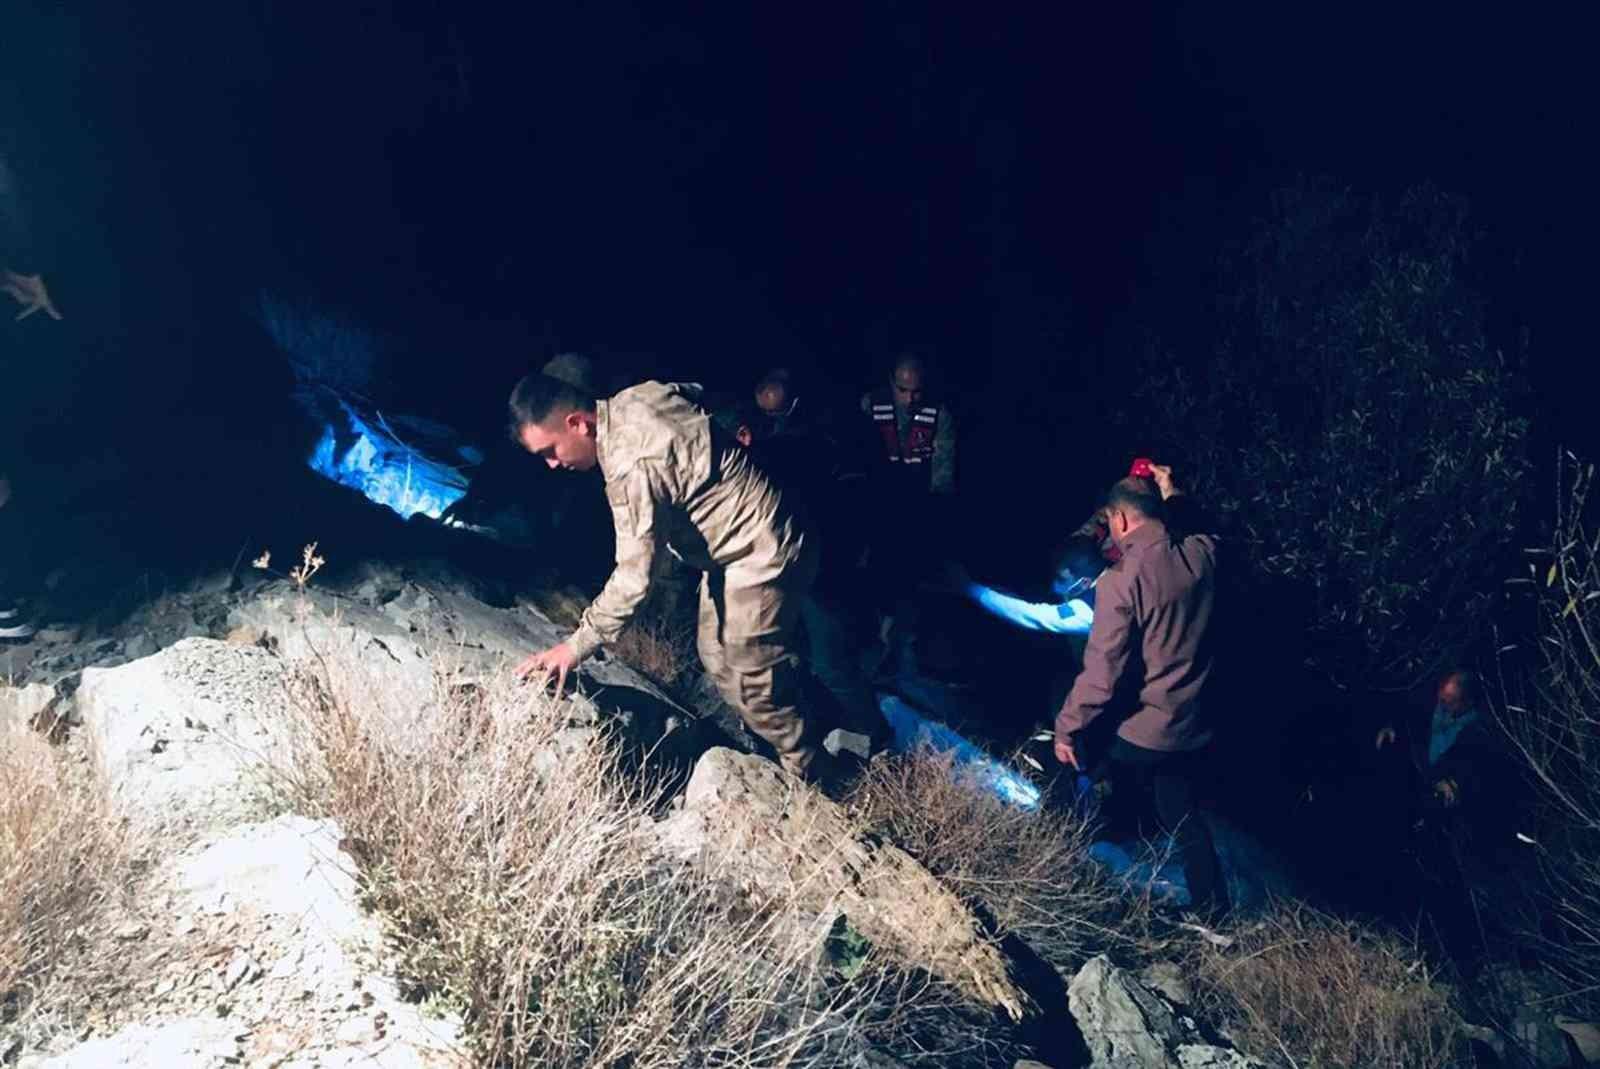 Bayburt'ta otomobil dereye uçtu: 1 ölü, 1 yaralı #bayburt